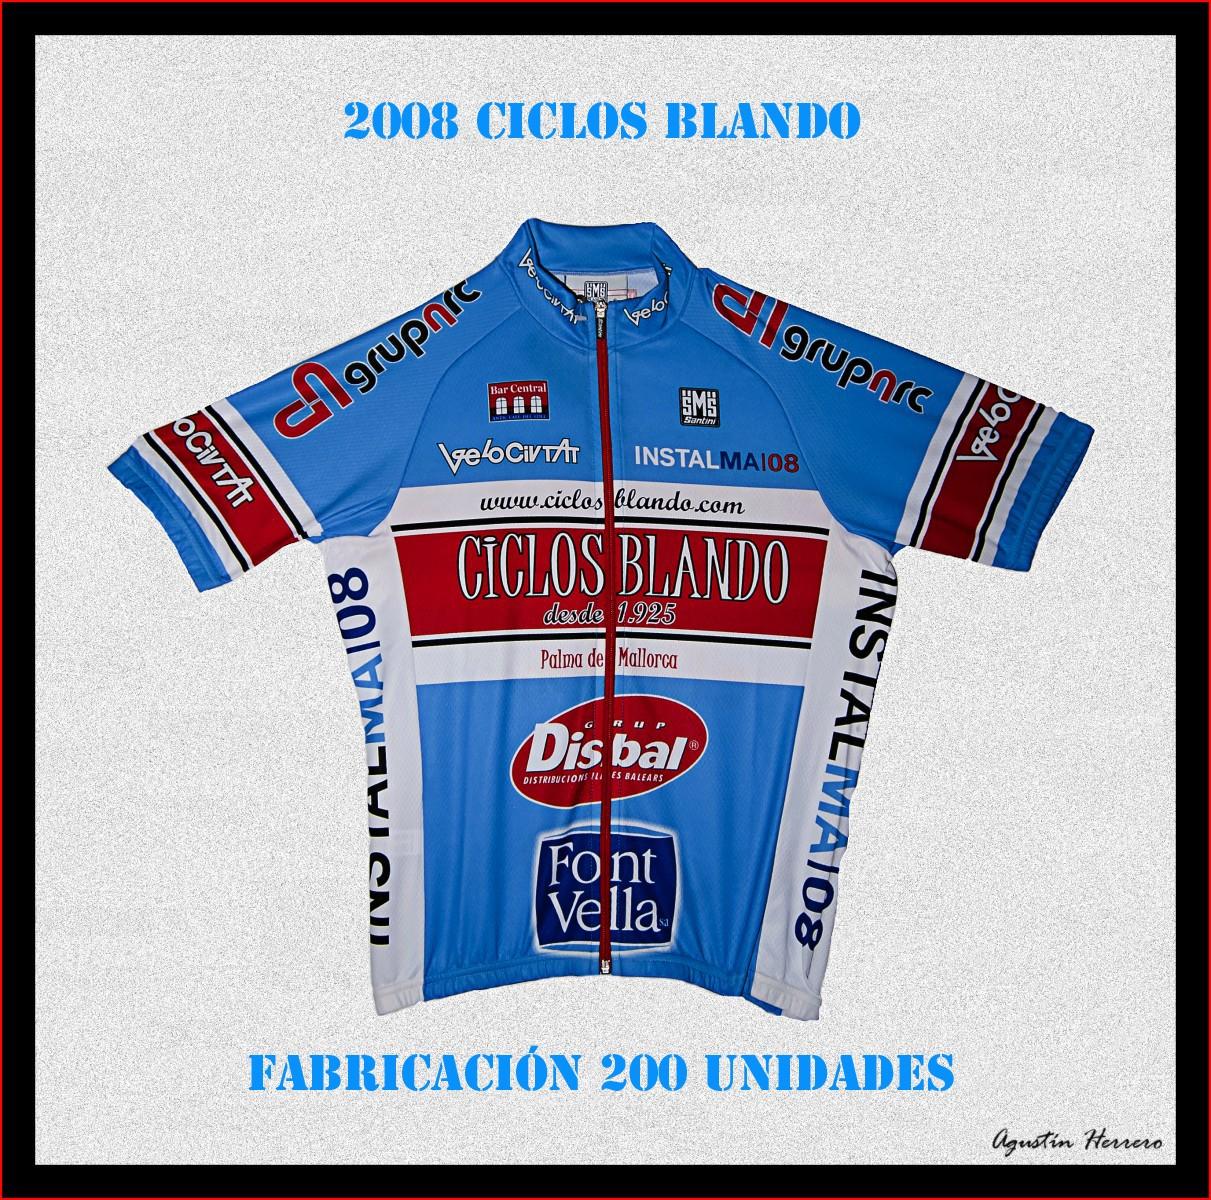 maillot-ciclos-blando-2008